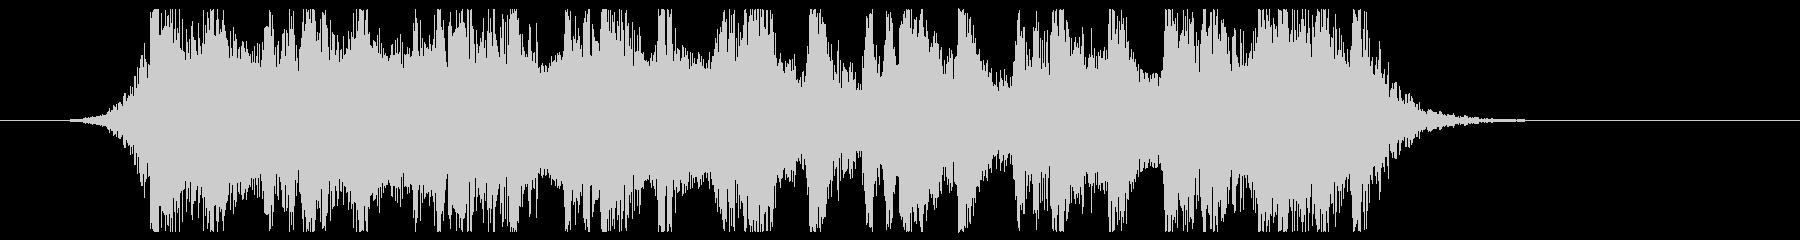 古代風ダークファンタジー風サウンドロゴの未再生の波形